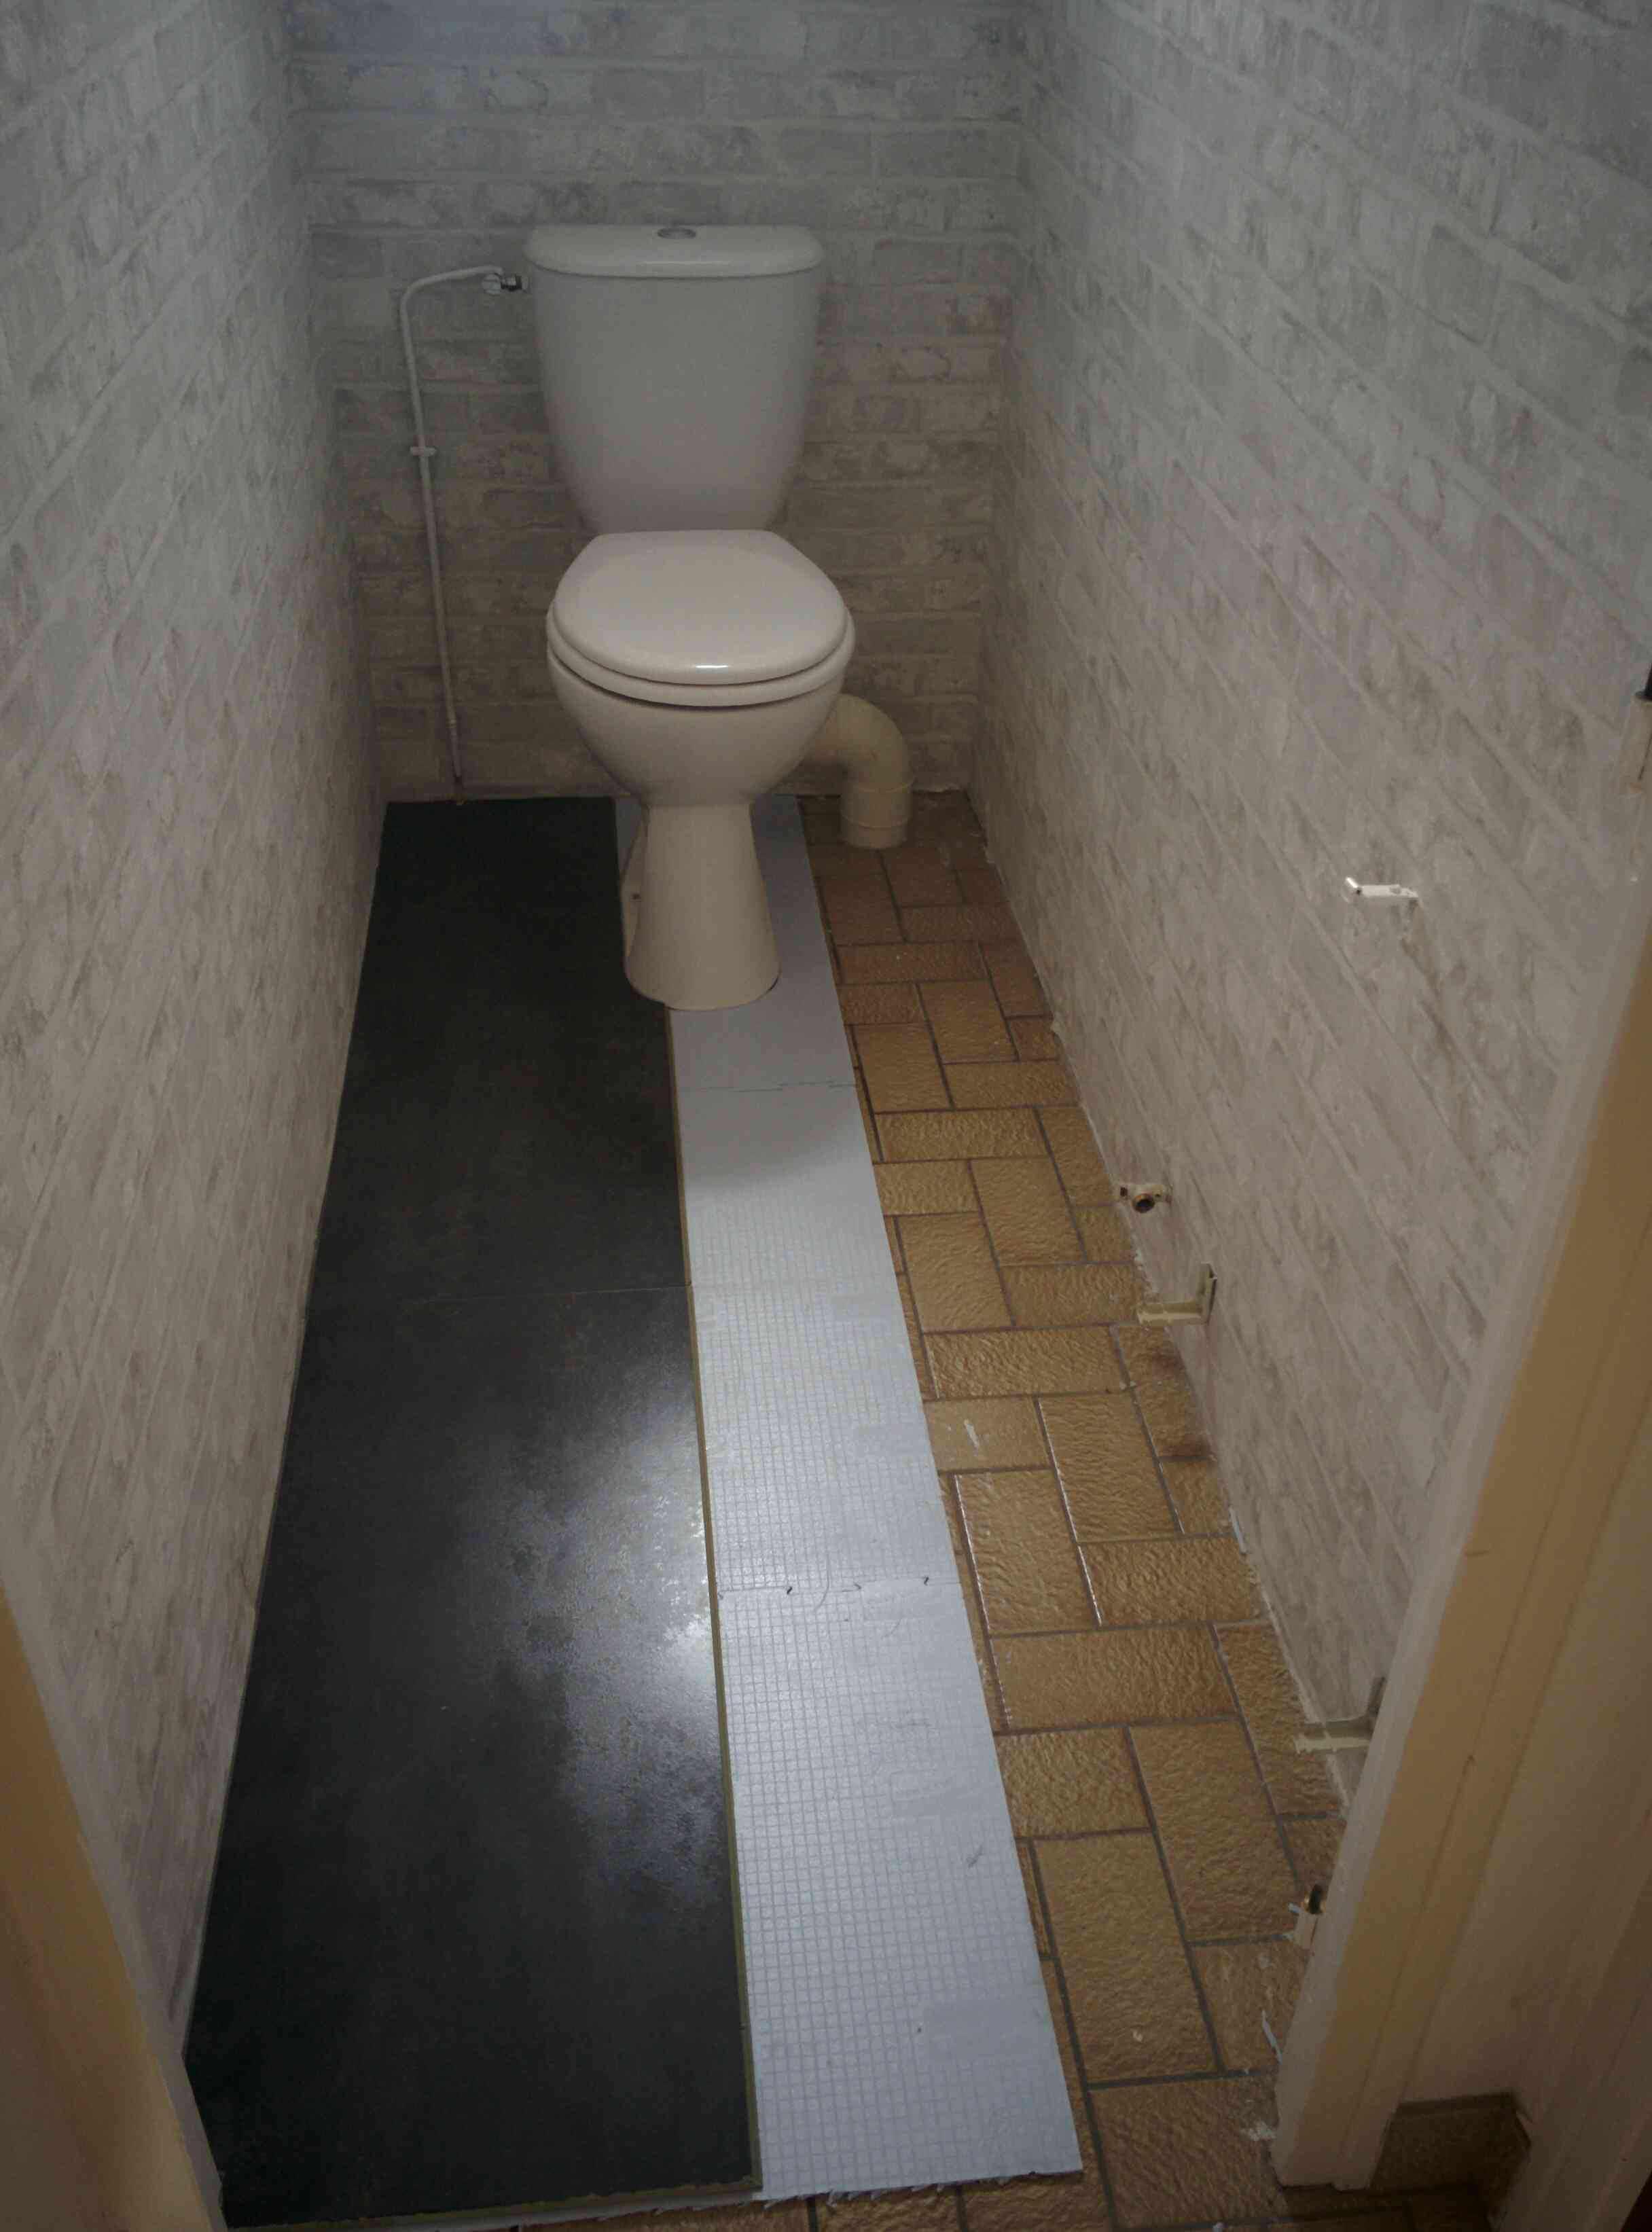 Comment Decorer Les Wc la décoration des wc (toilettes) - stayfunny&create